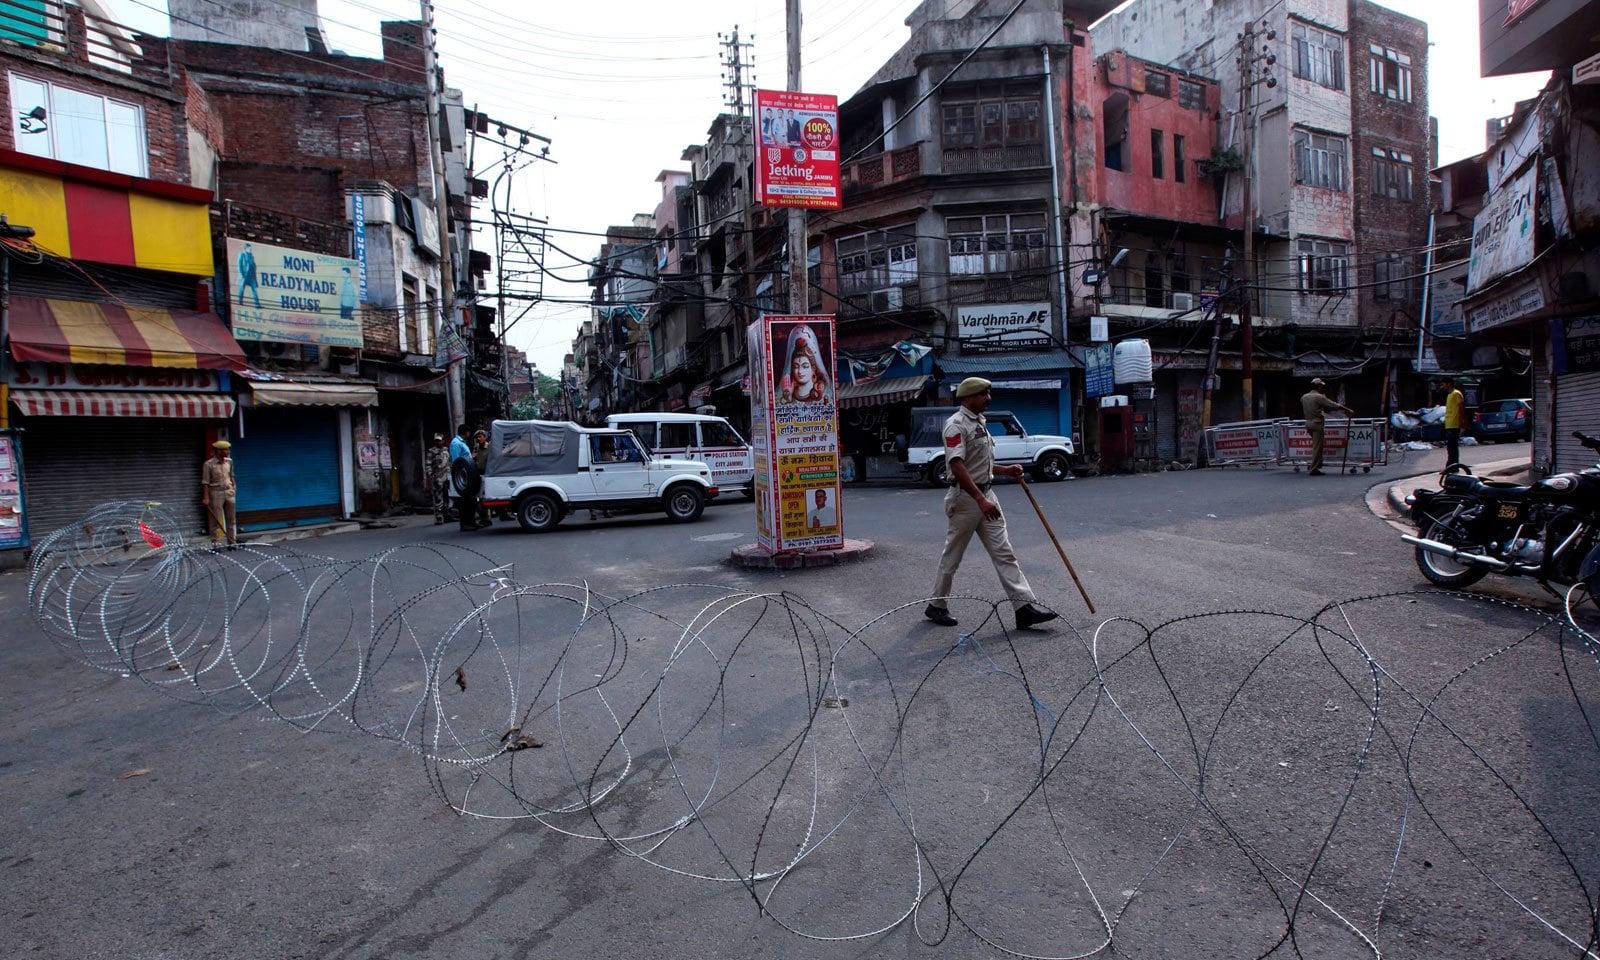 کرفیو کے باعث اکثر راستں کو باڑ لگا کر بند کیا گیا ہے — فوٹو: اے ایف پی